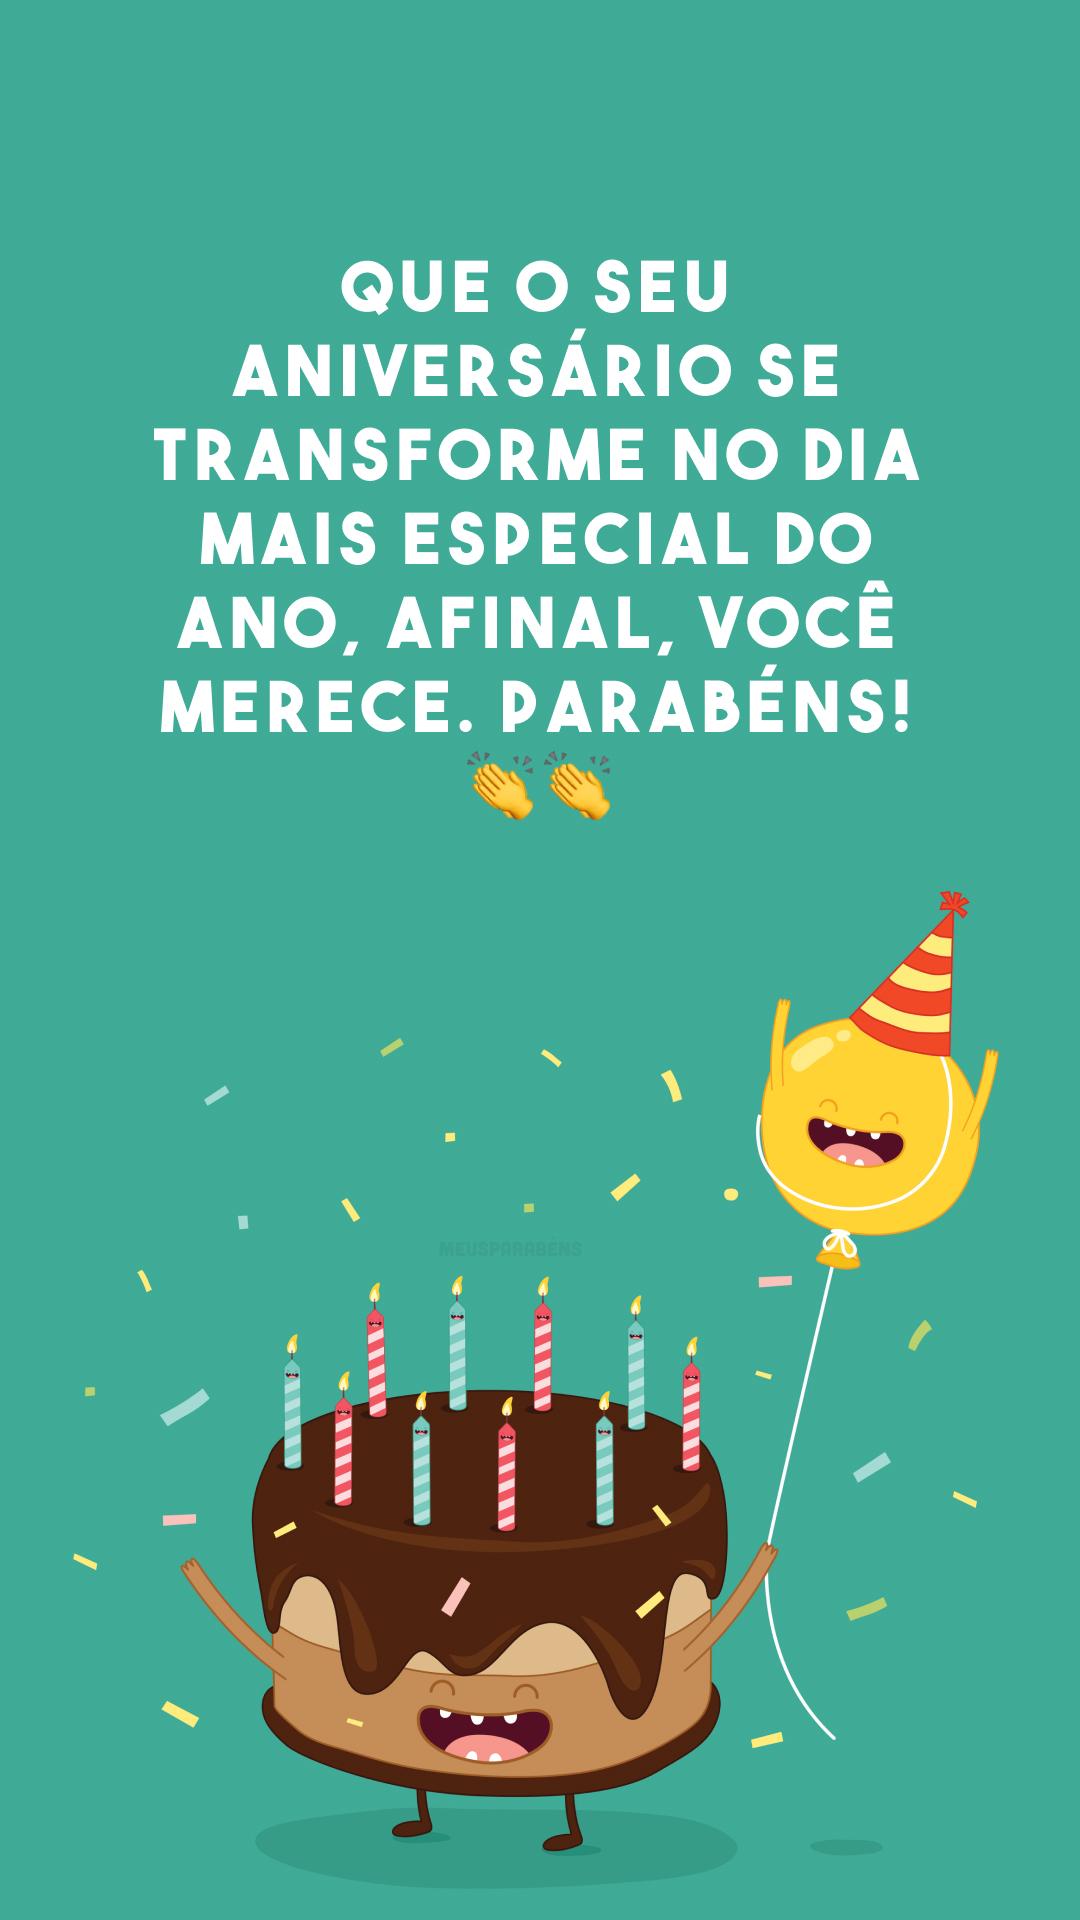 Que o seu aniversário se transforme no dia mais especial do ano, afinal, você merece. Parabéns! 👏👏